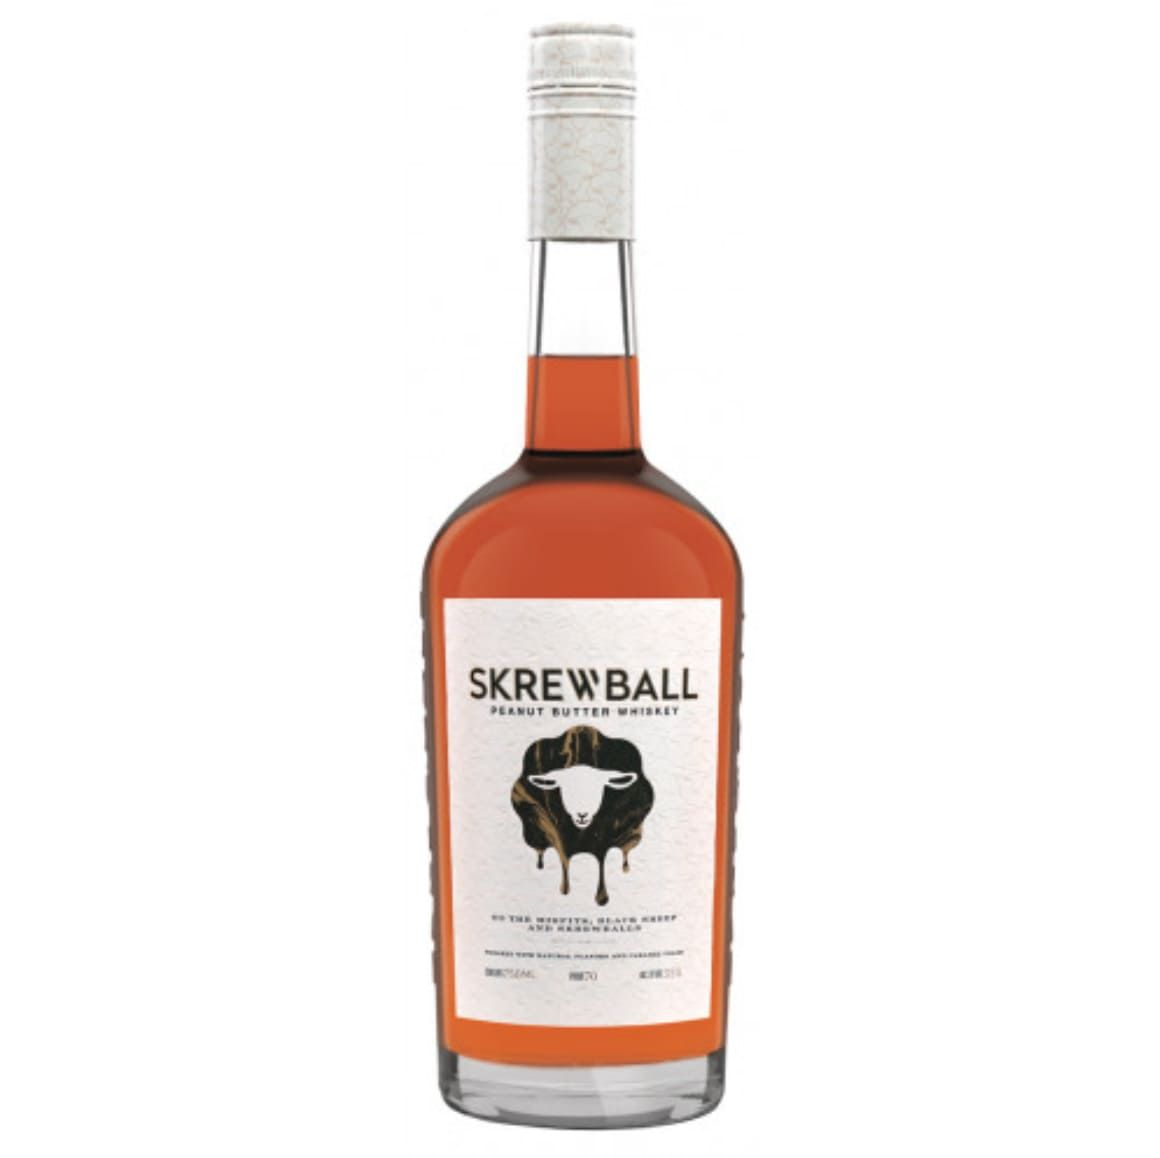 skrewball-peanut-butter-whiskey